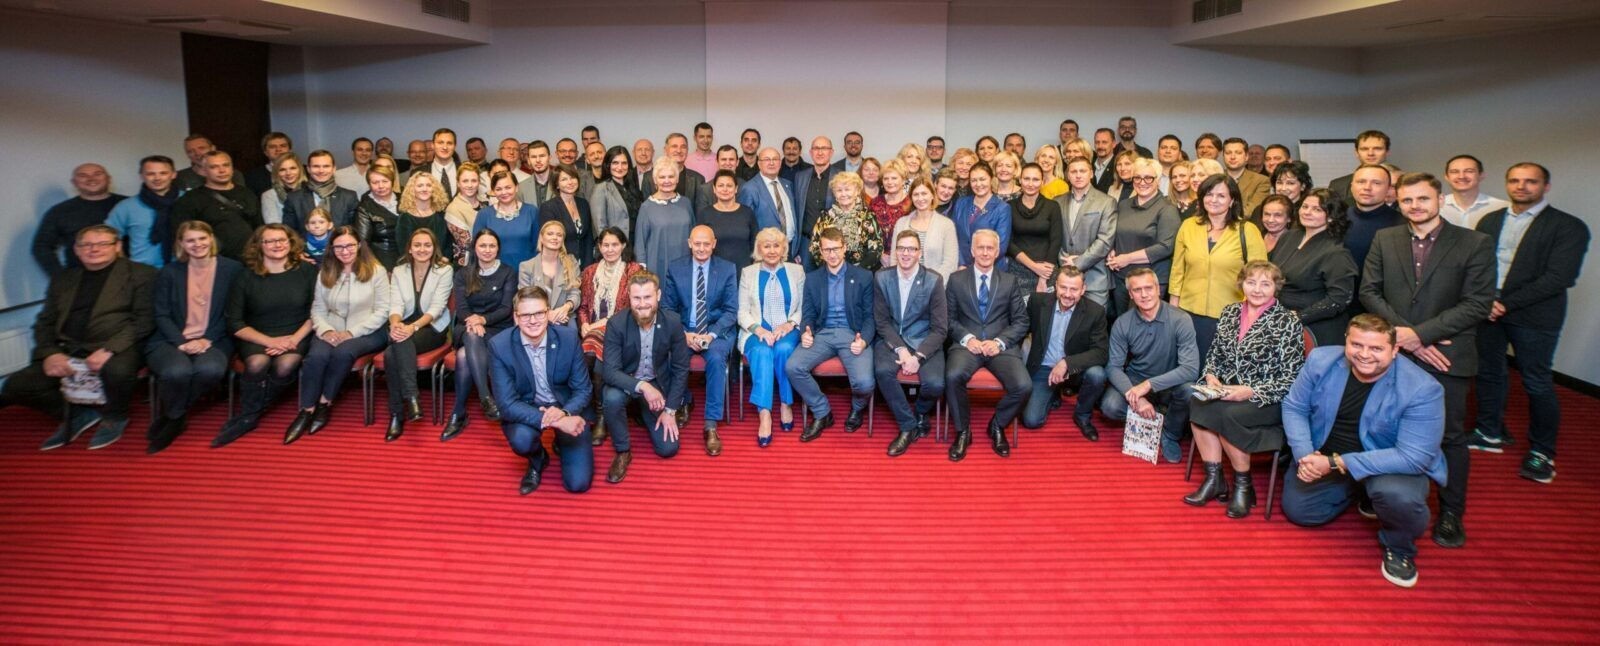 Kauno miestą viešai plėšiantis meras Visvaldas Matijošaitis žiniasklaidos tylą nusipirko už 510 tūkst. miesto eurų